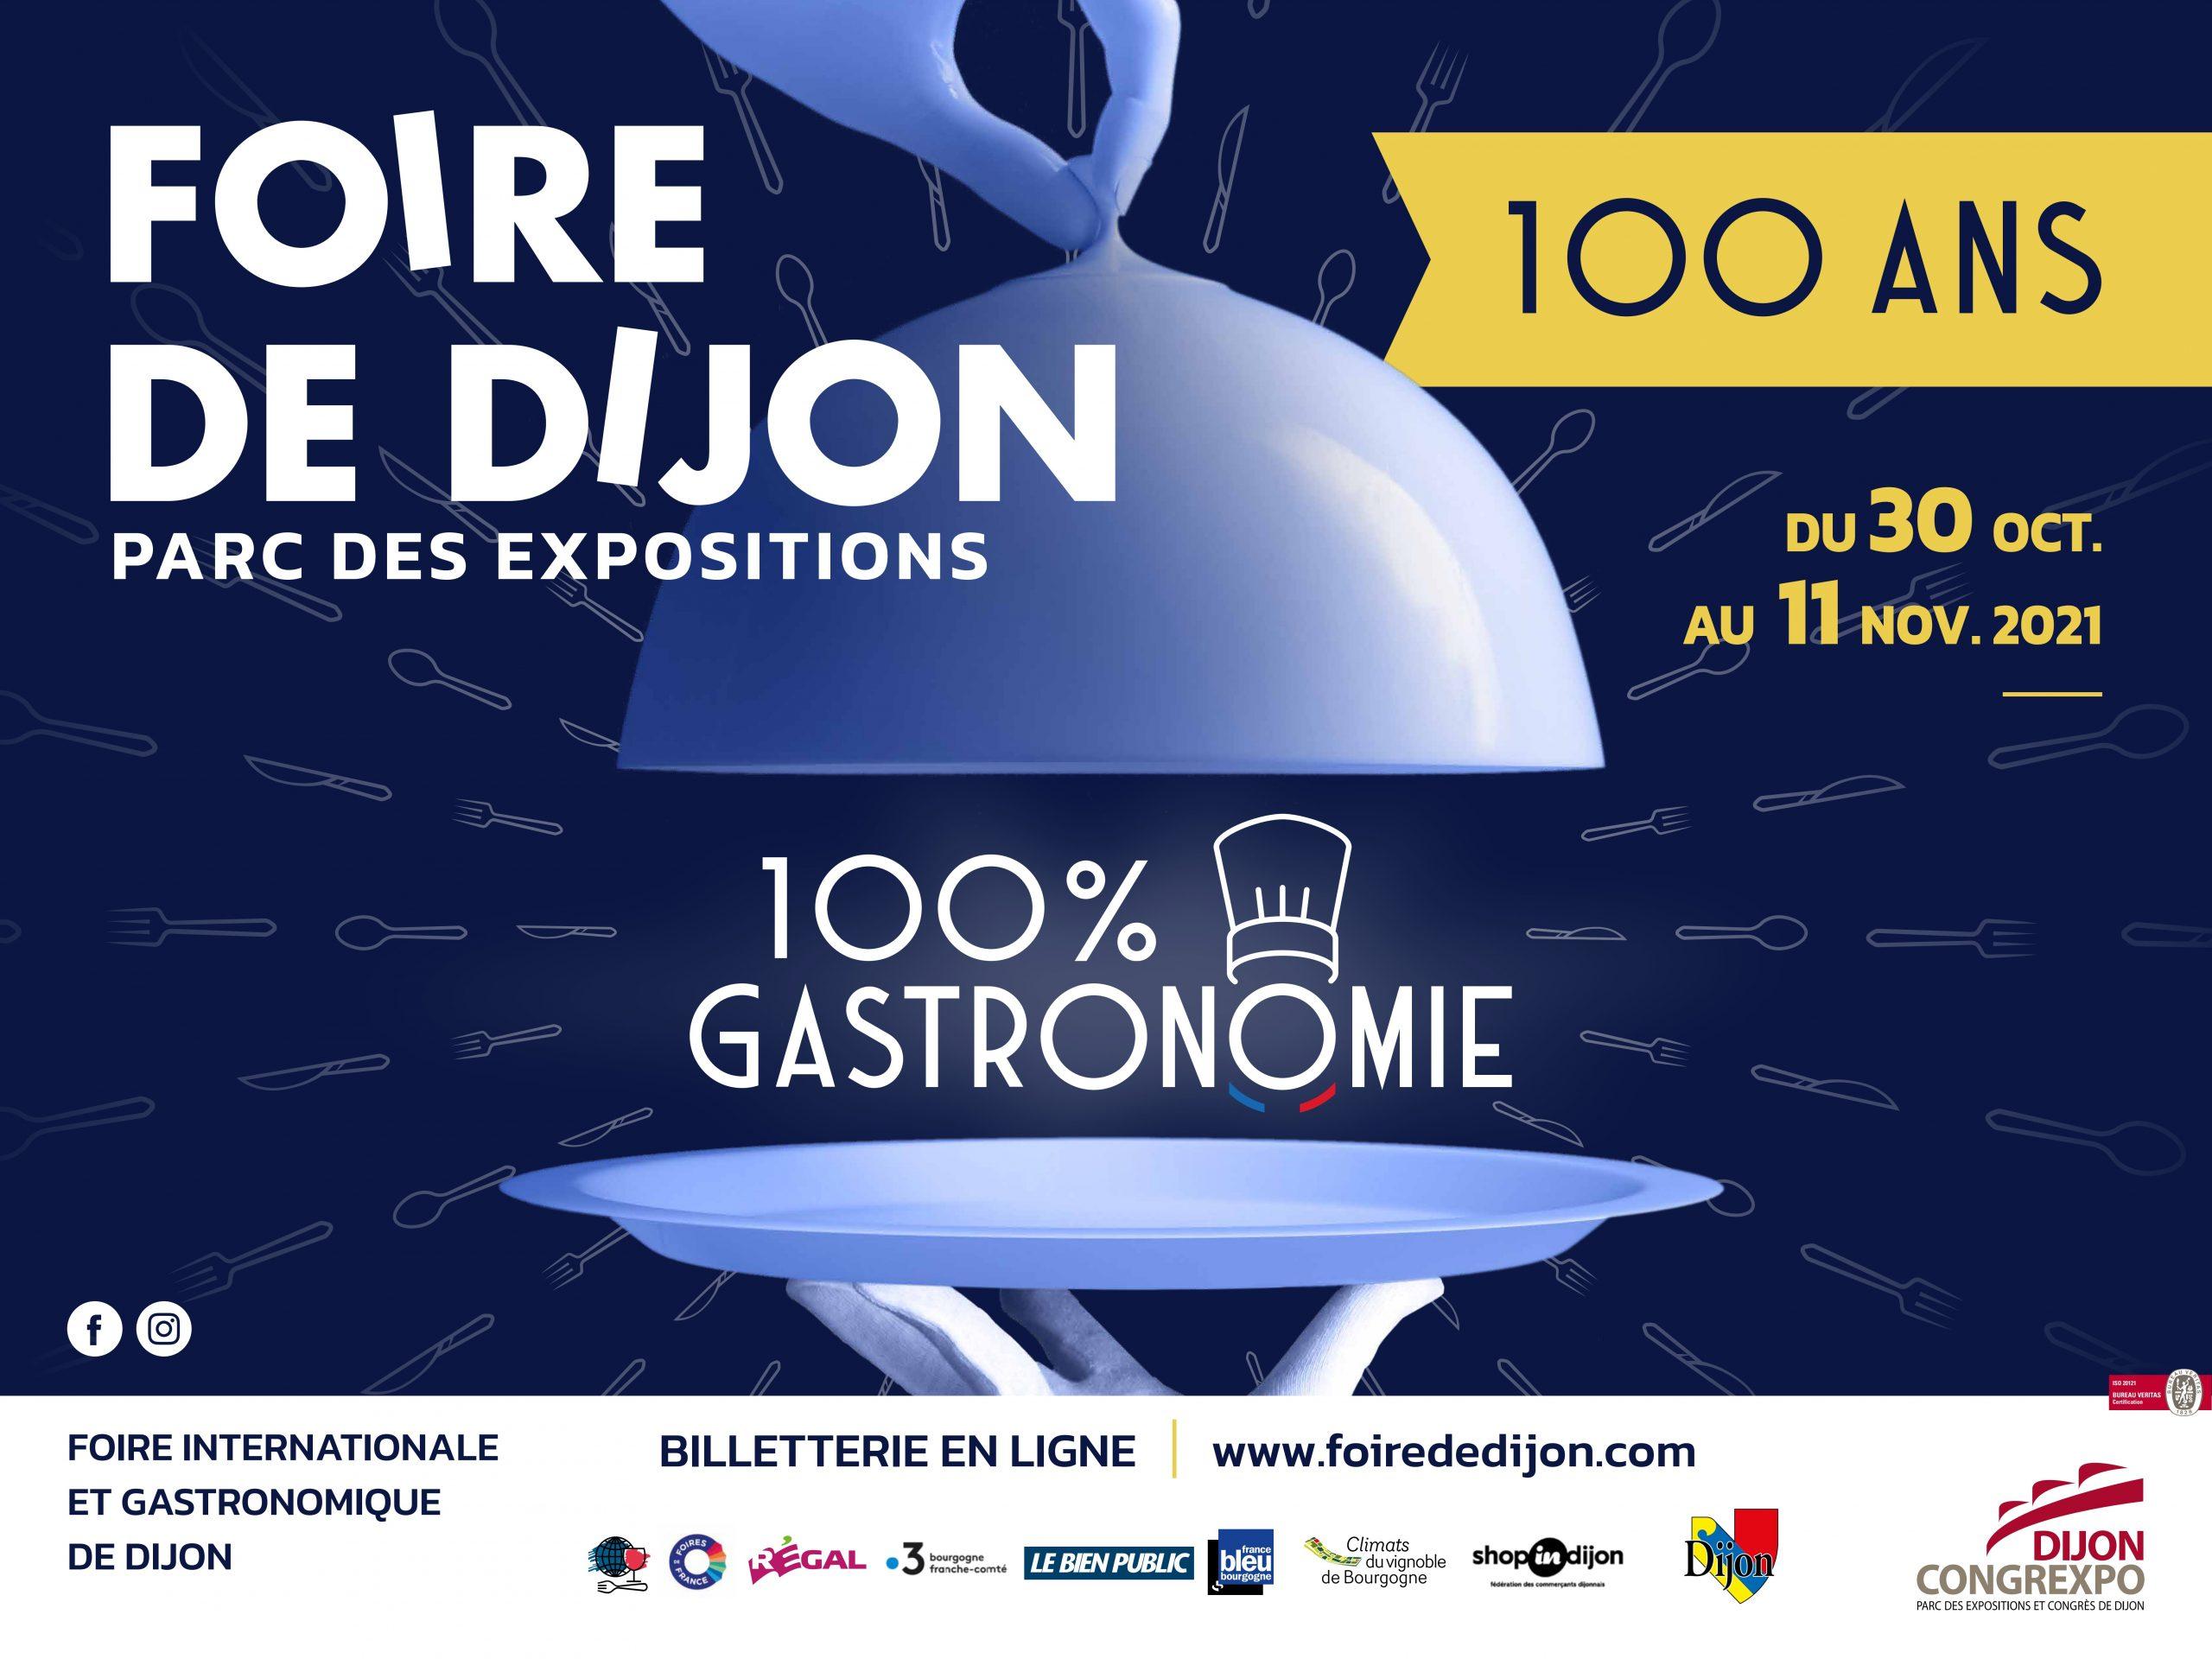 La Foire de Dijon fêtera ses 100 ans du 30 octobre au 11 novembre 2021